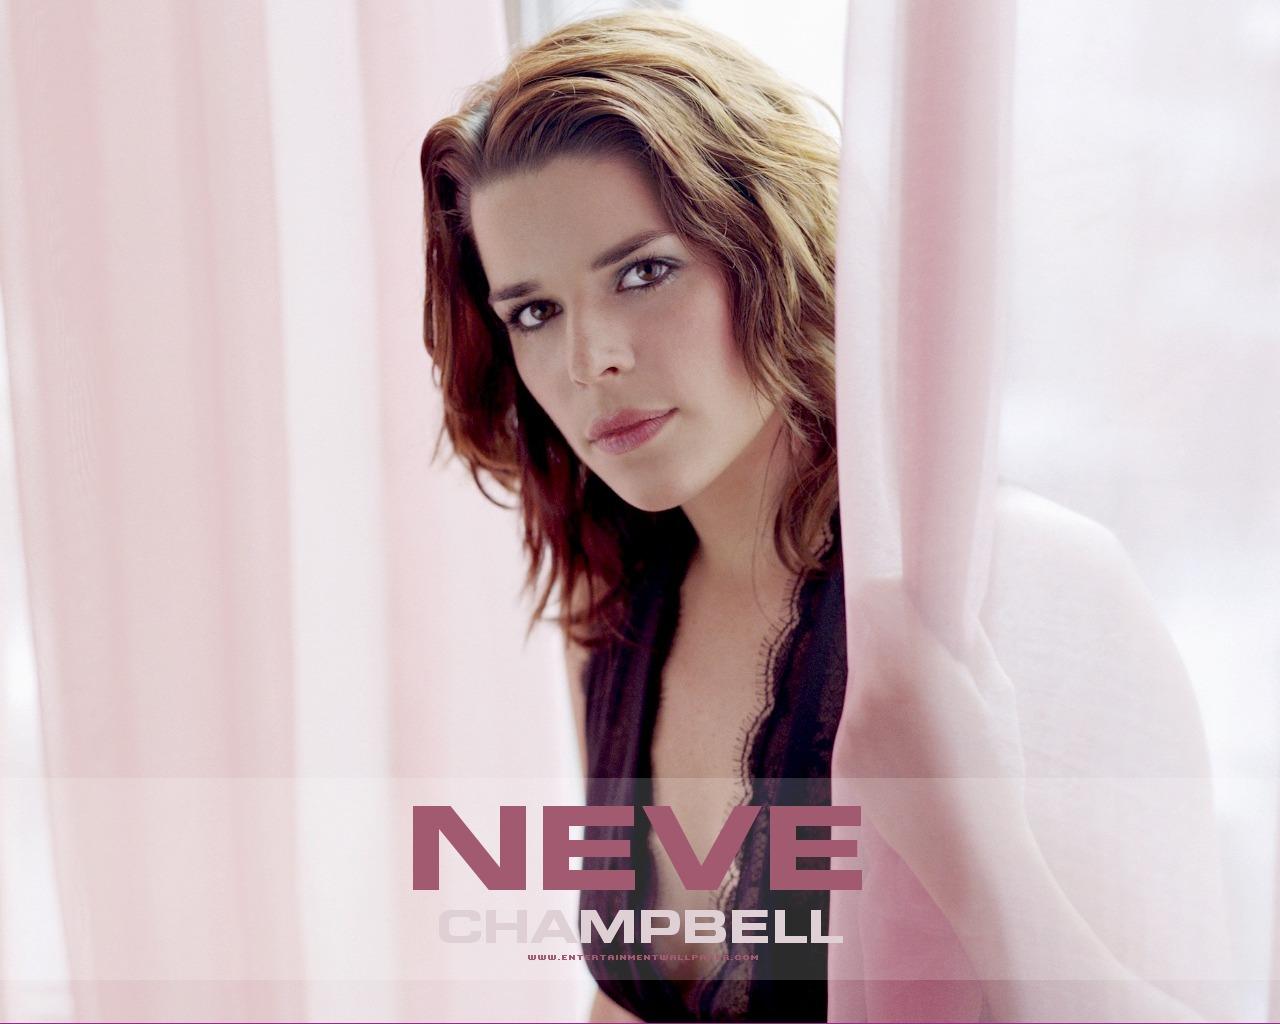 neve campbell - neve campbell wallpaper (712888) - fanpop